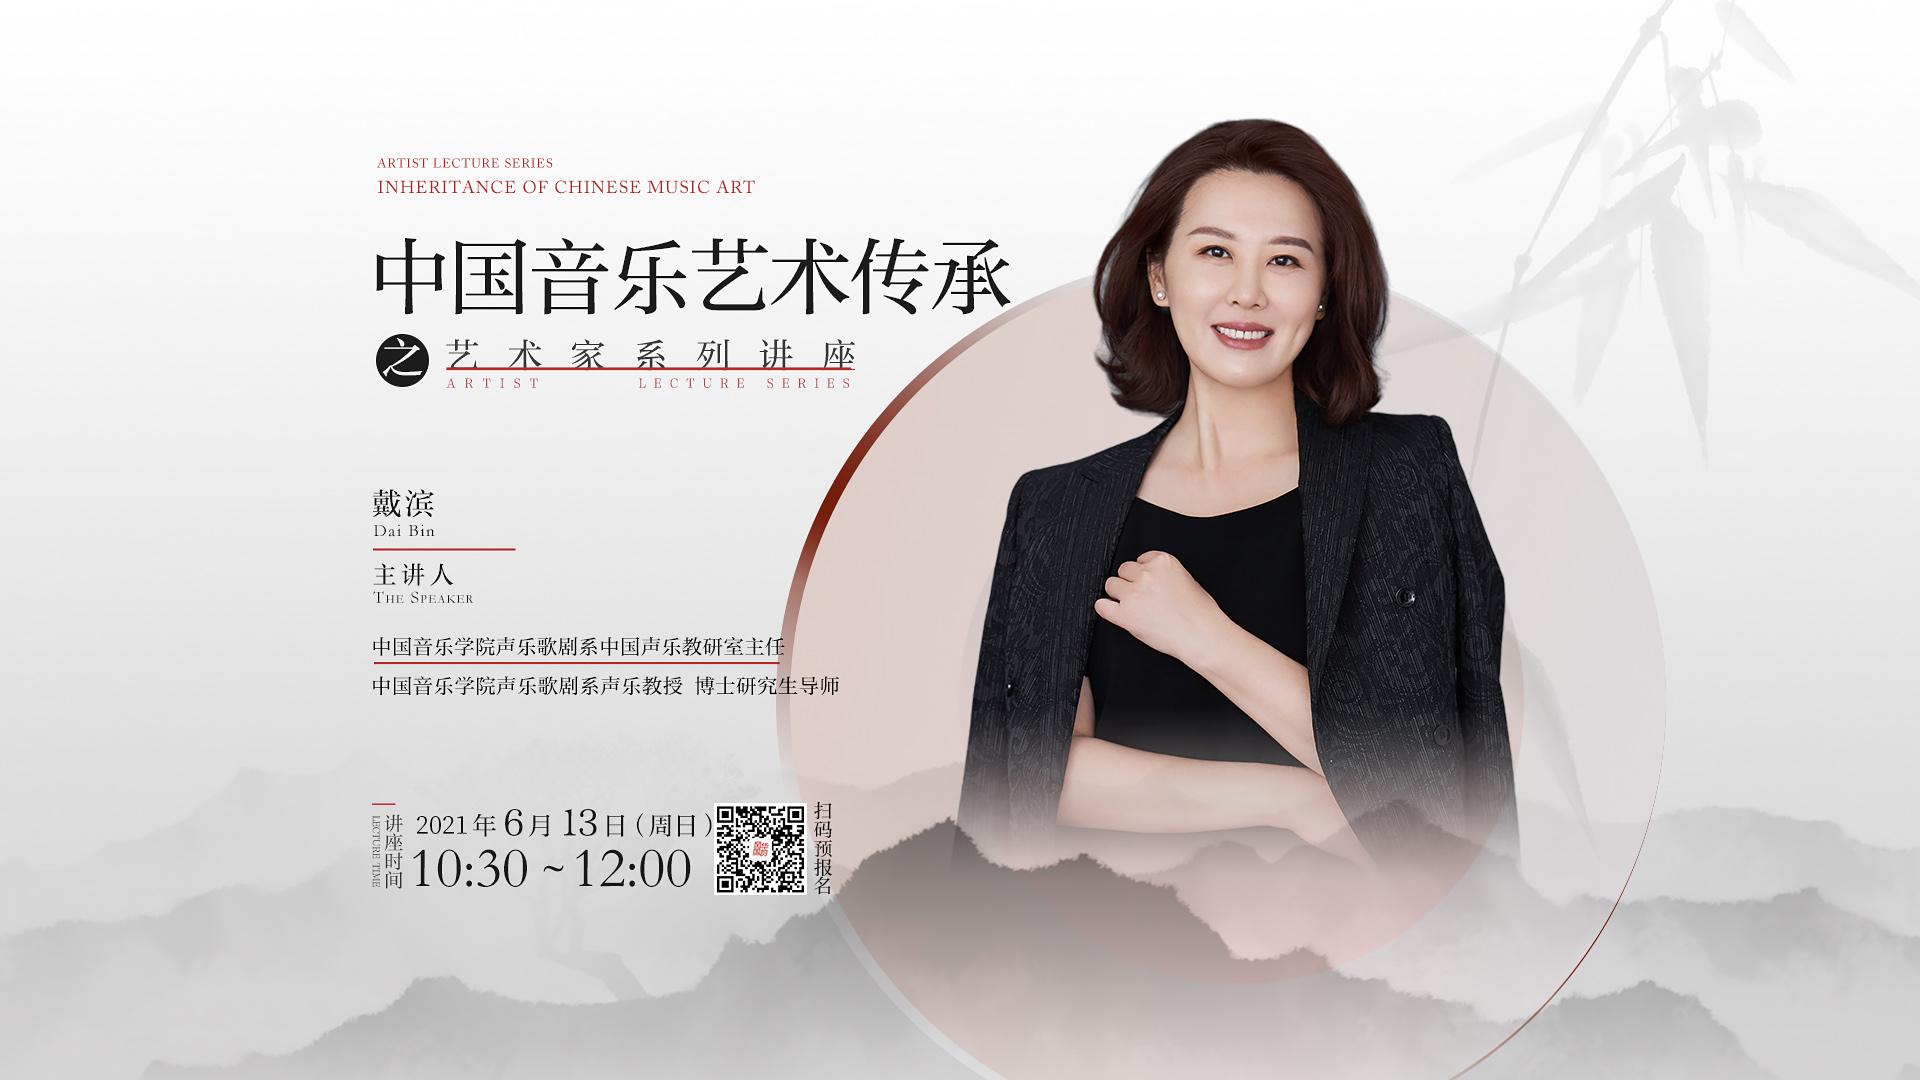 中國音樂藝術傳承——戴濱